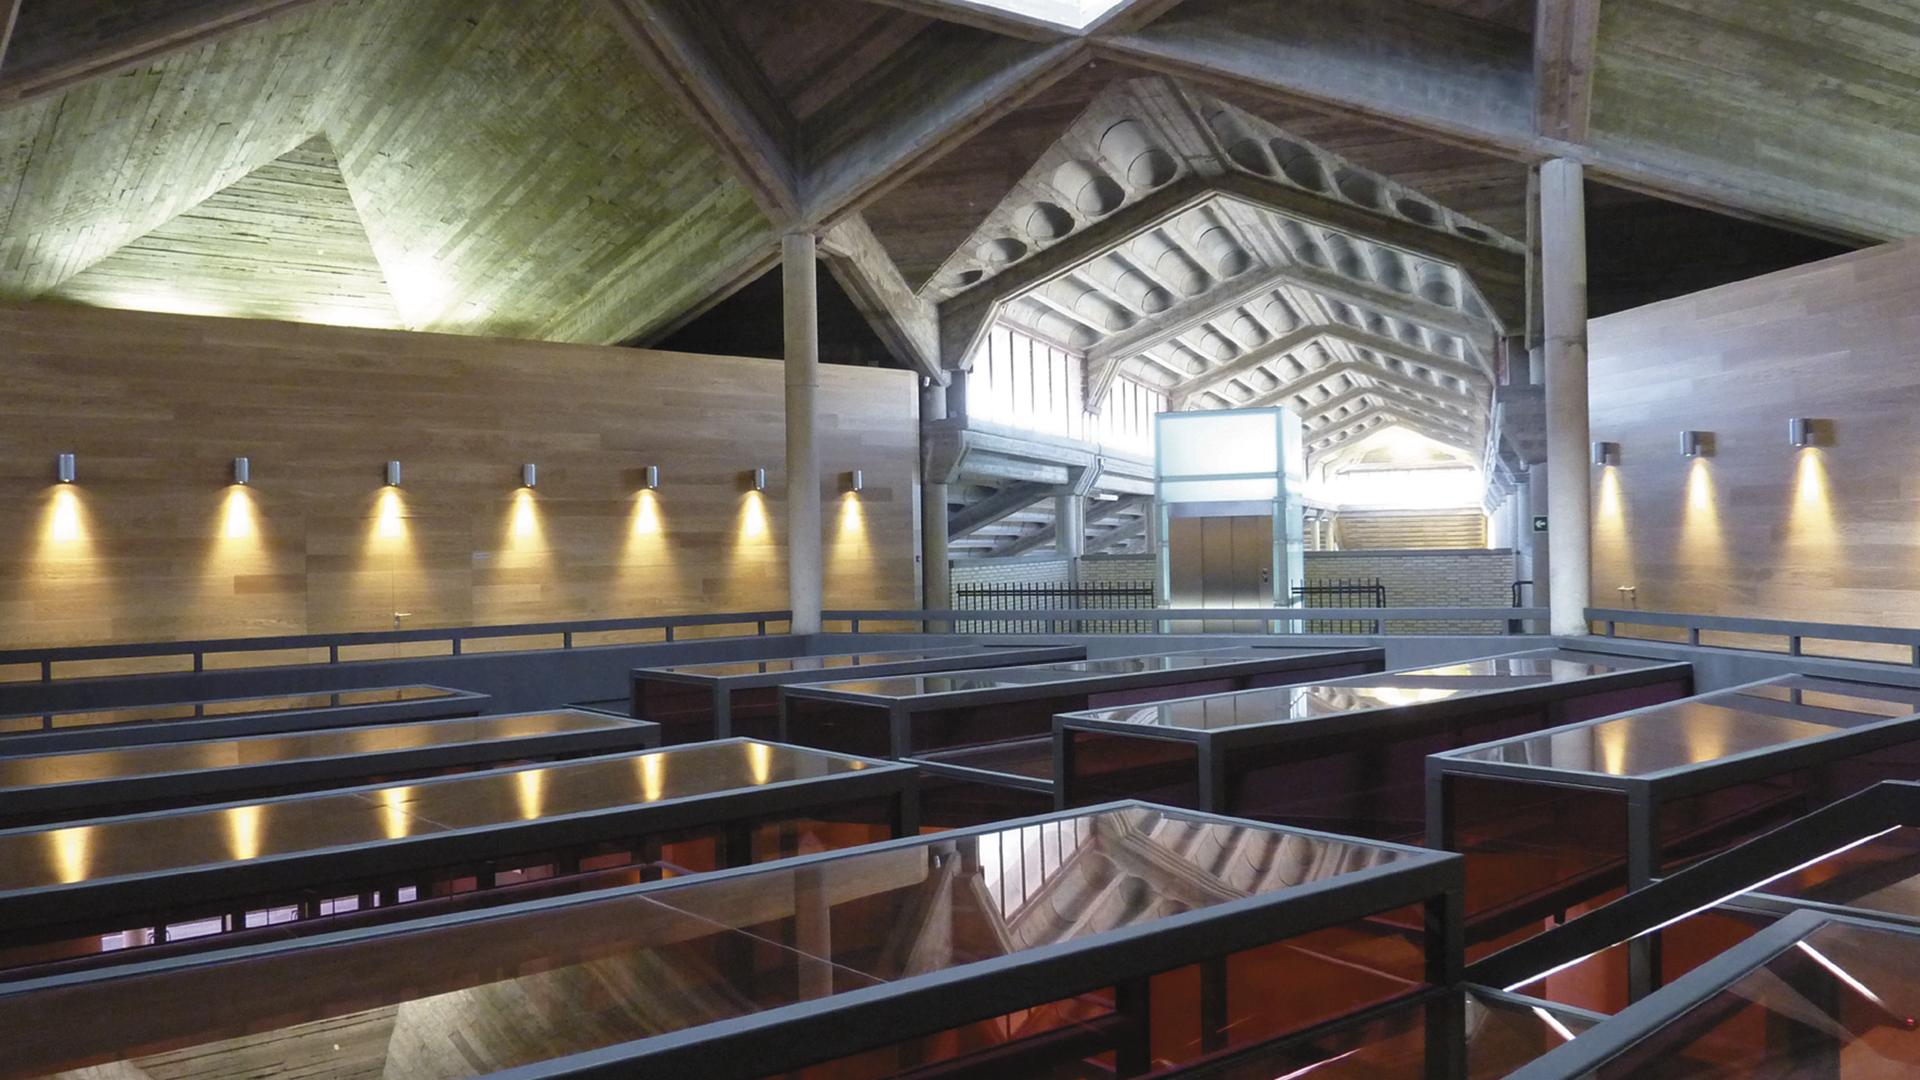 Enoturismo Bodegas Olarra Rioja